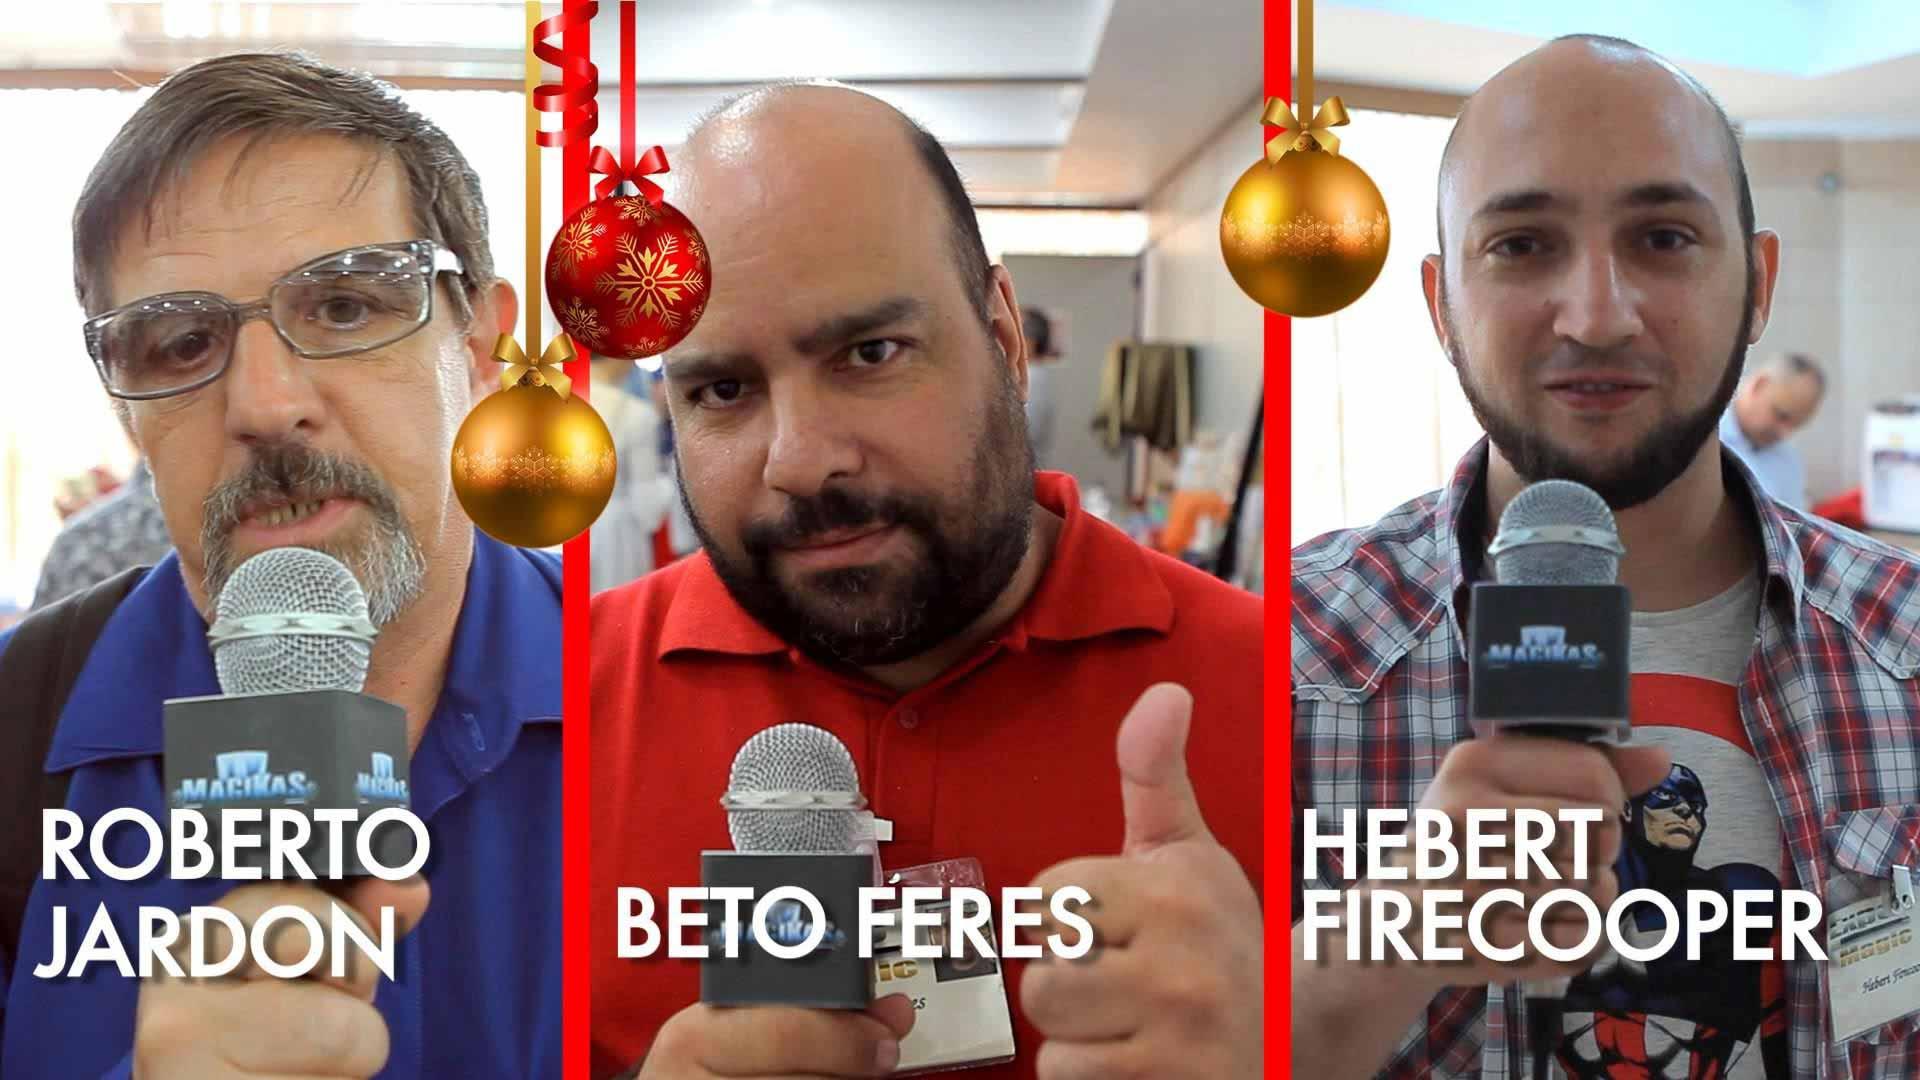 Roberto Jardon, Beto Feres e Firecooper em A mágica em 2015